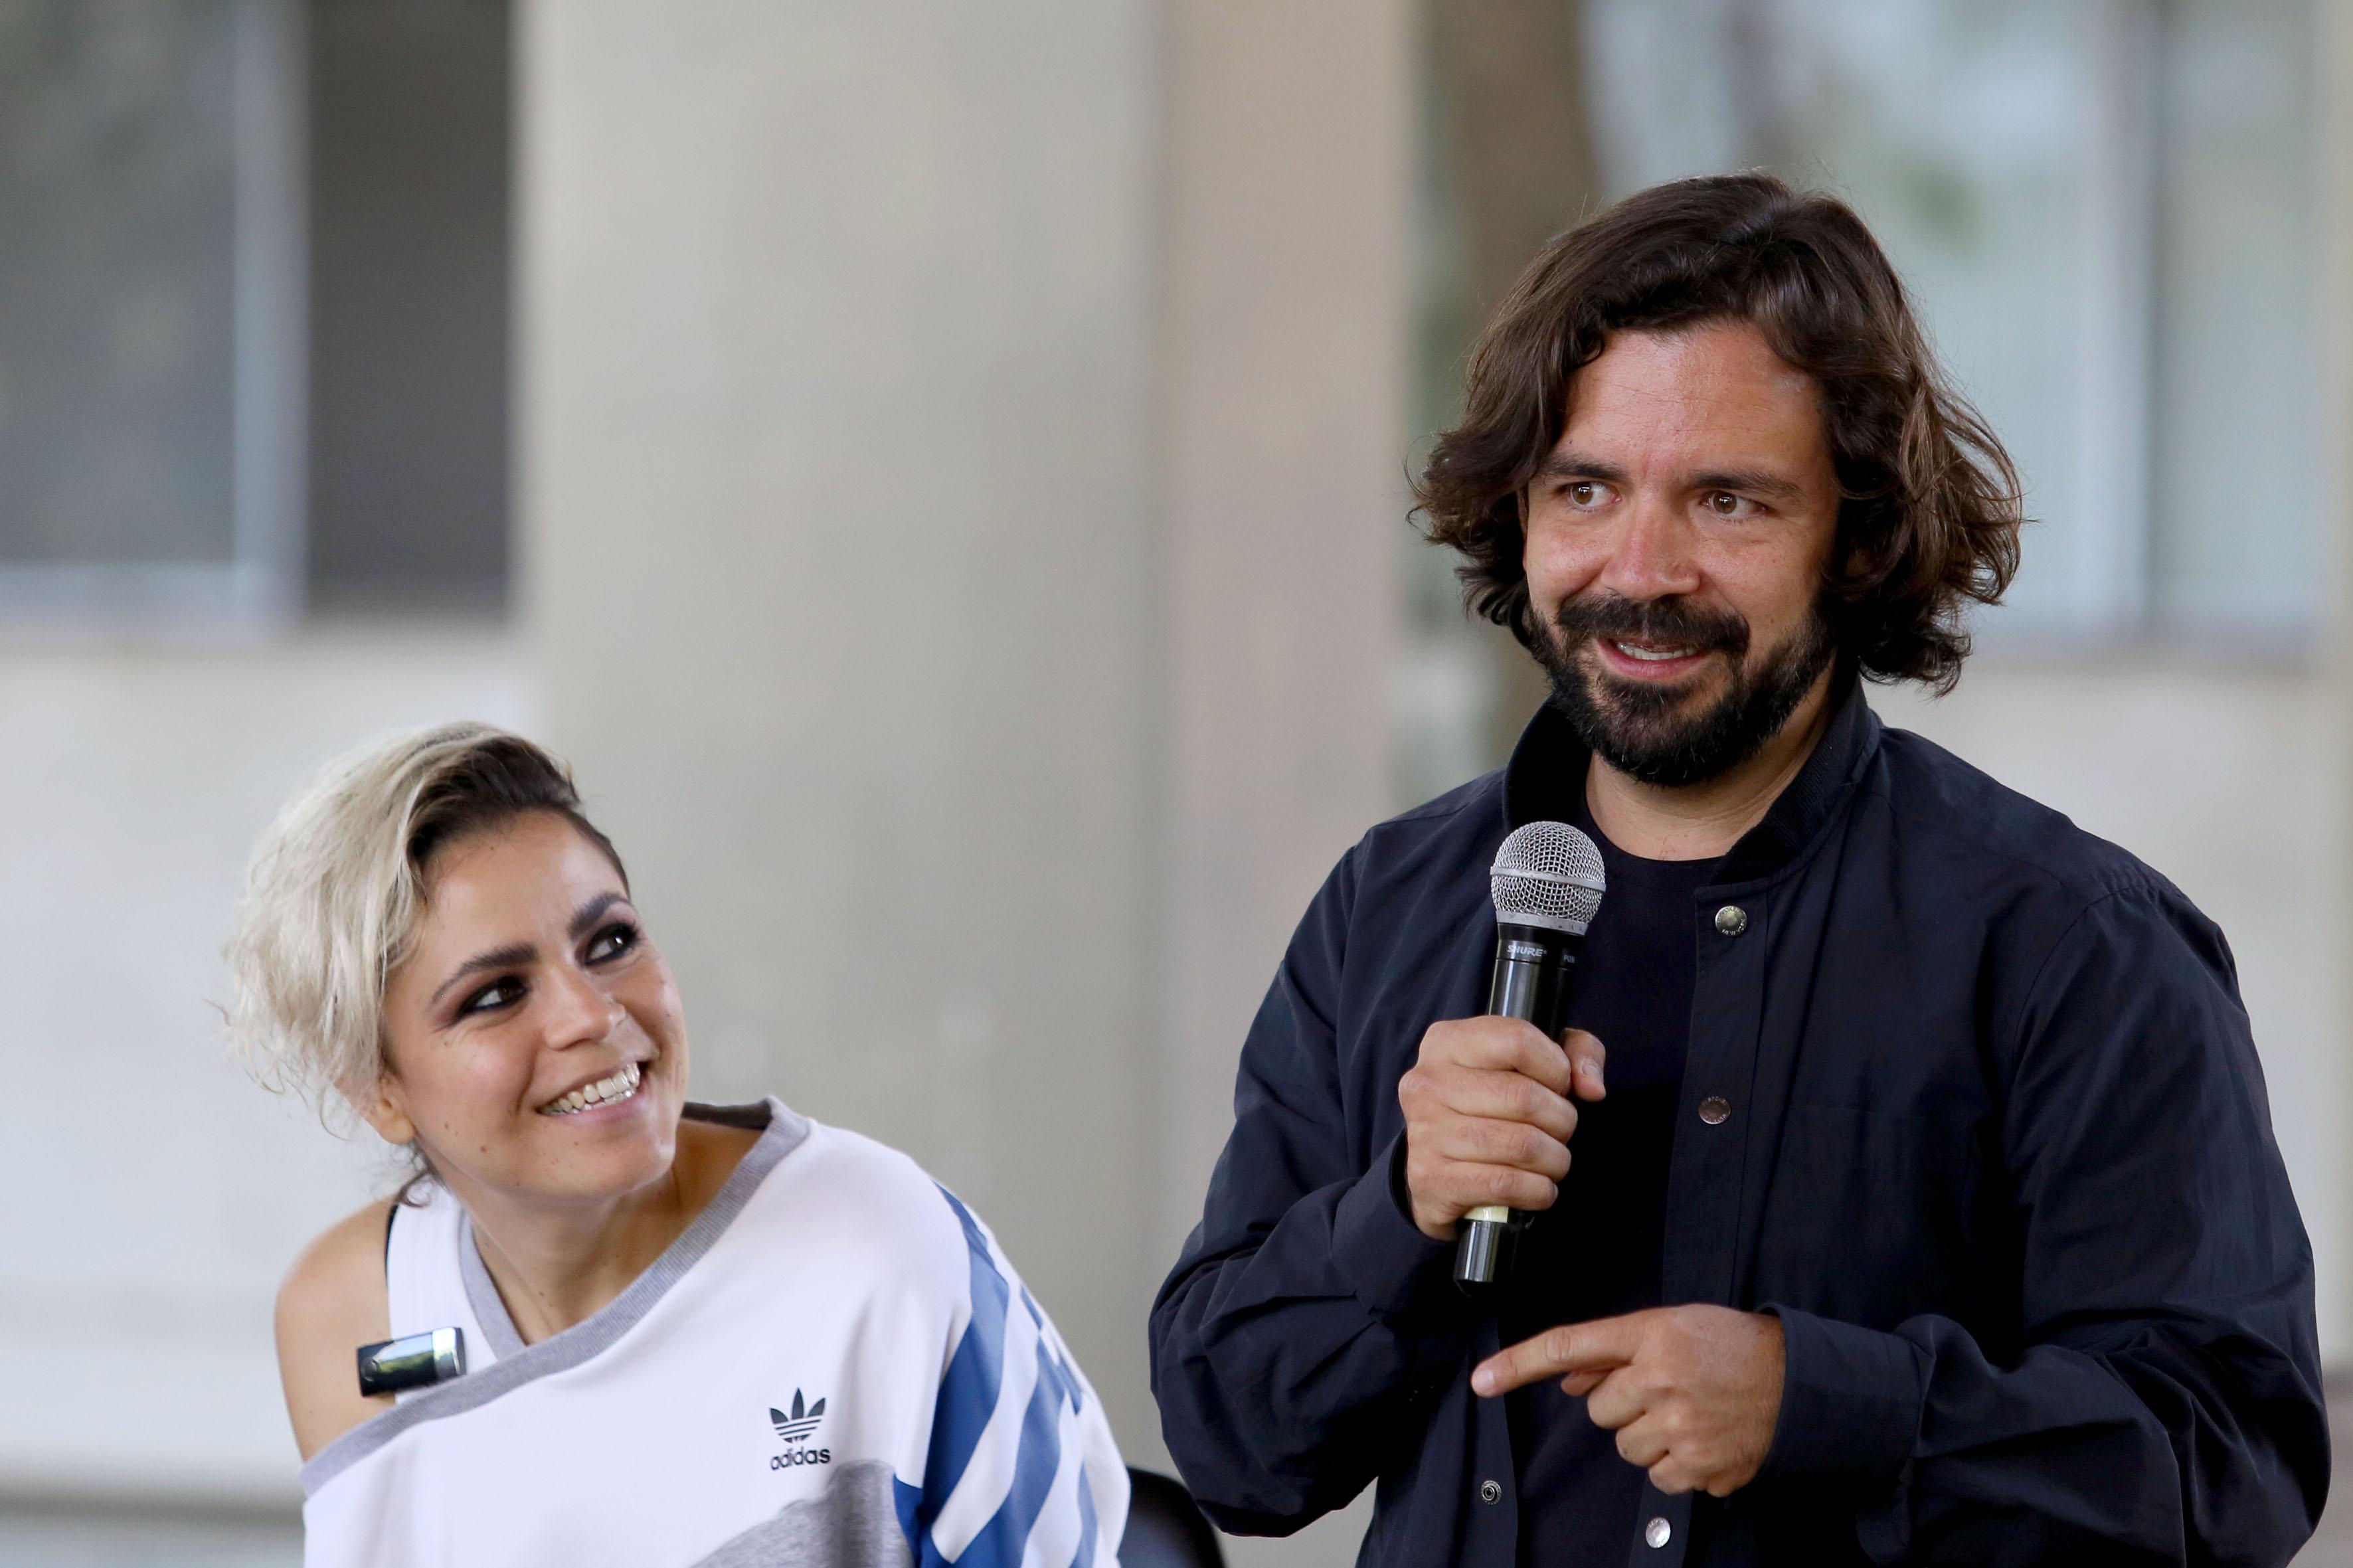 Alejandro Serratos del colectivo indocumentados y con micrófono en mano, haciendo uso de la palabra.